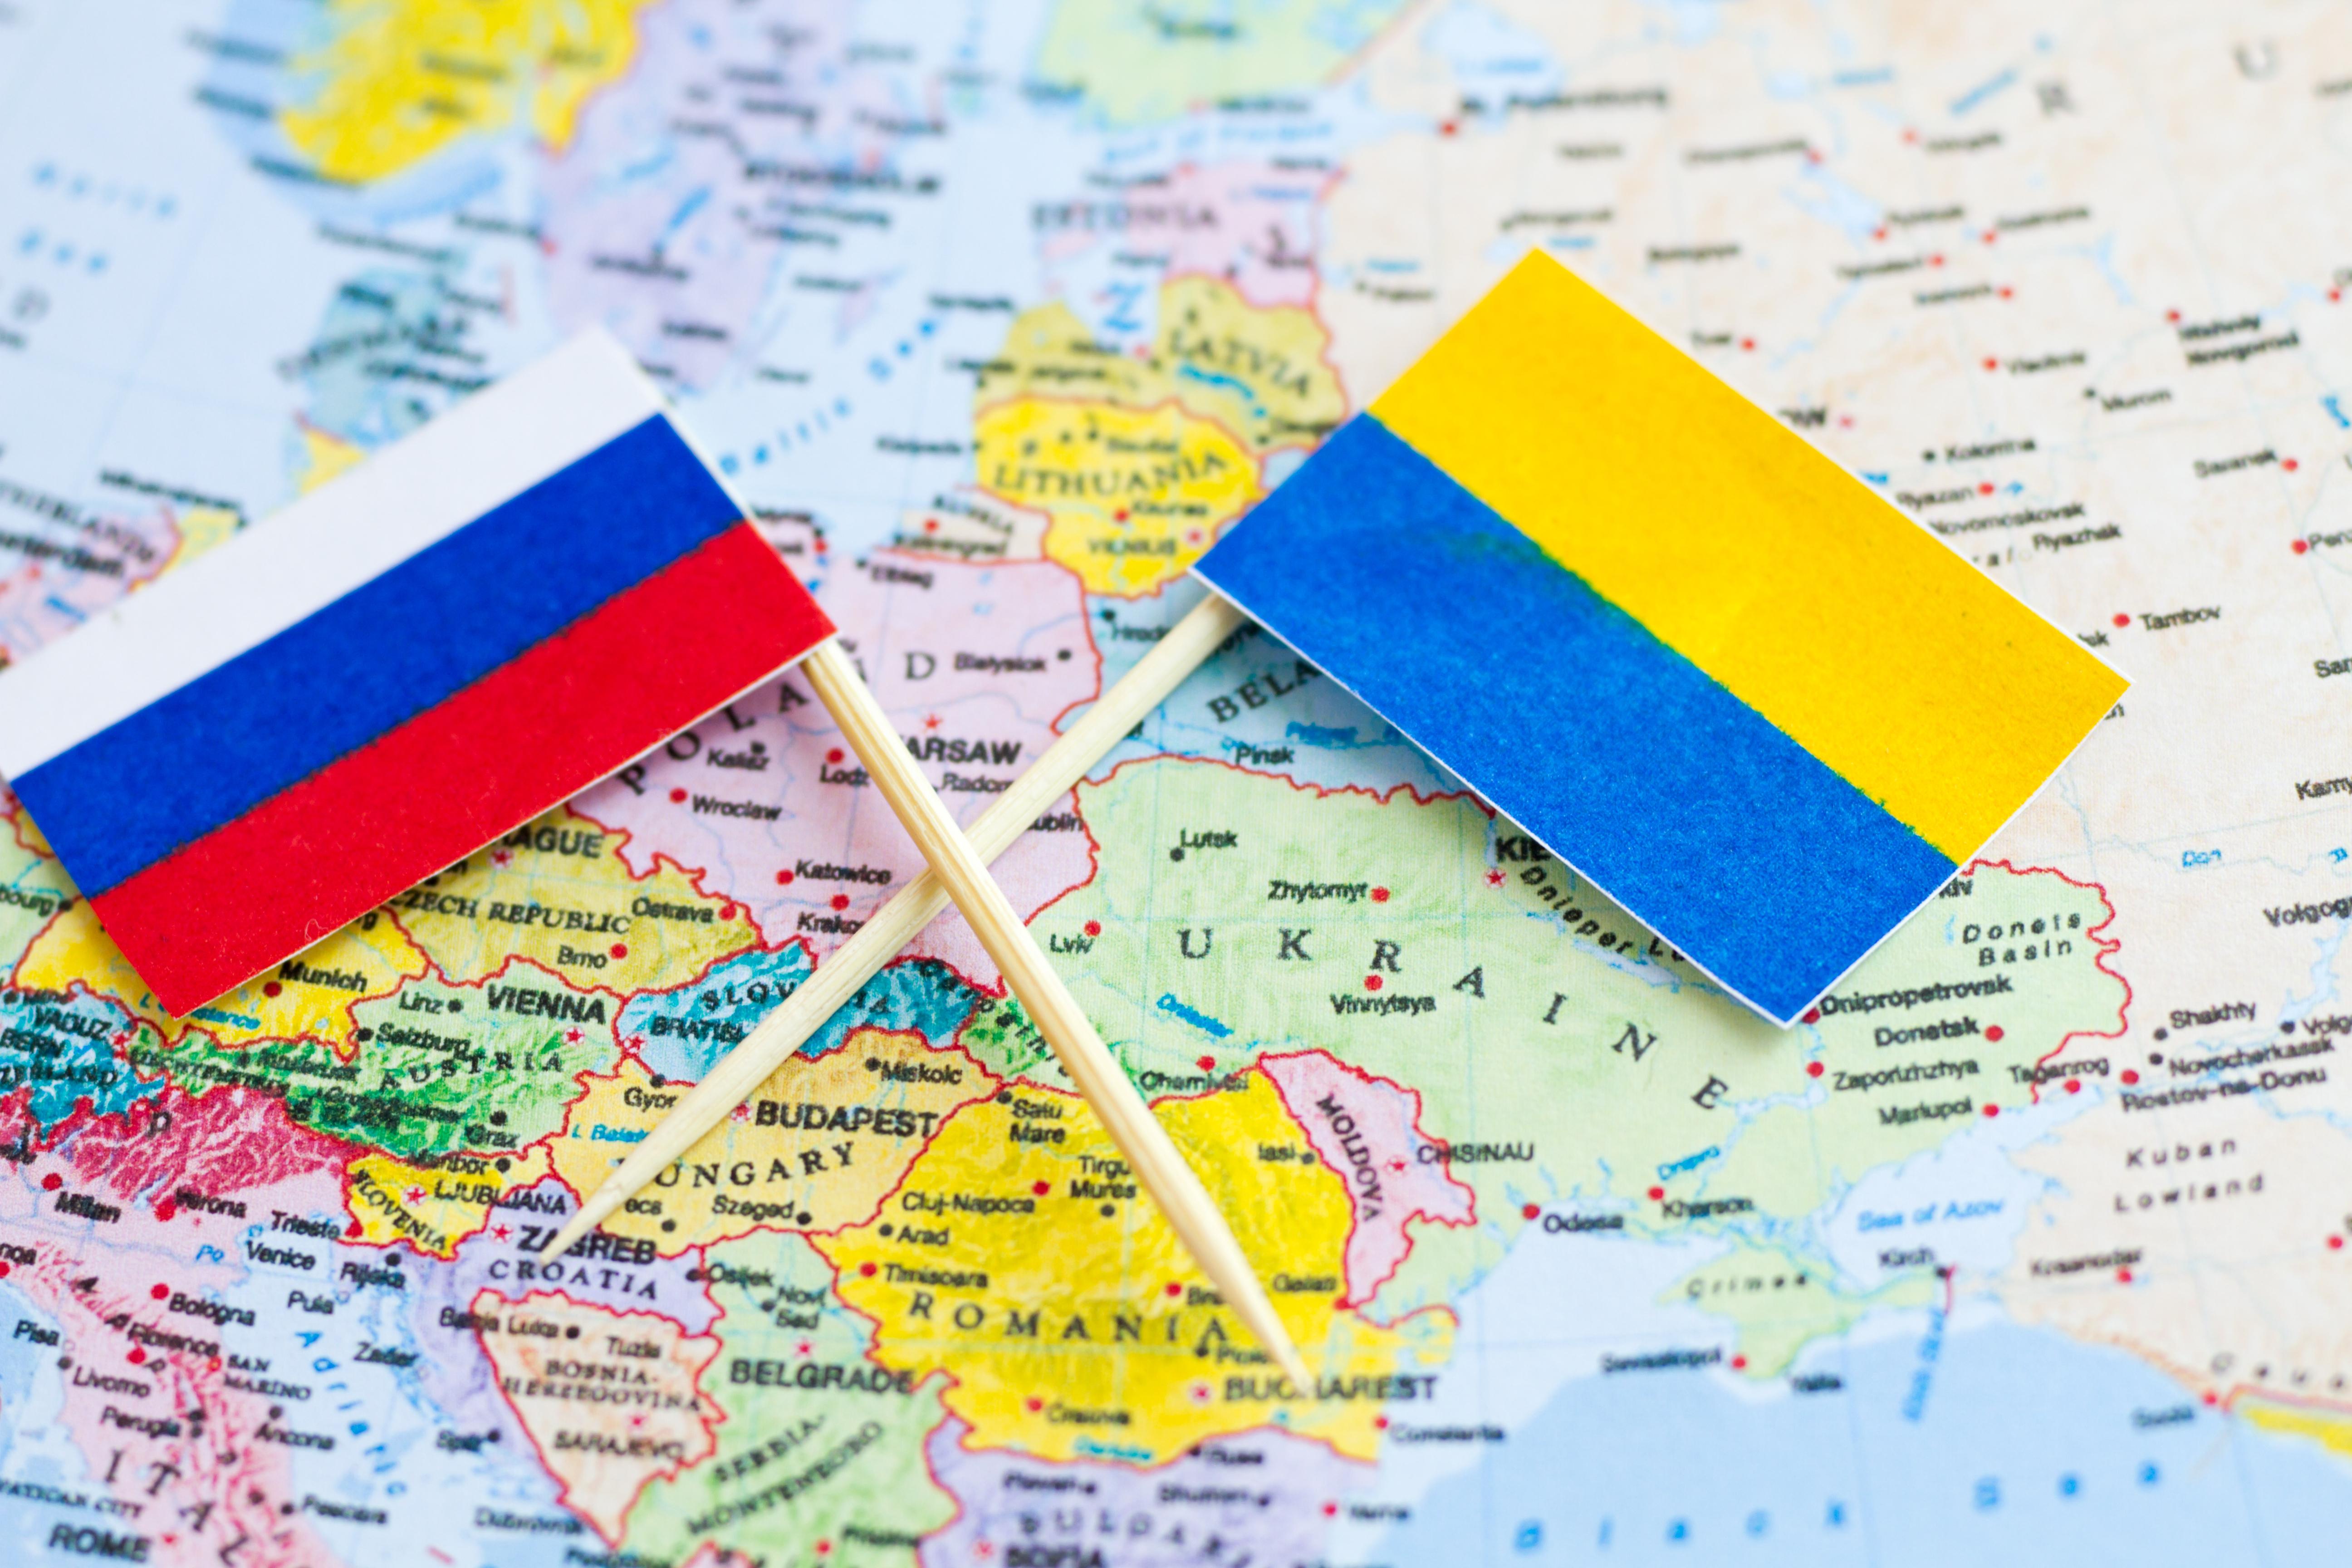 Ce spune Kremlinul despre un război cu Ucraina, îngrijorată de întărirea trupelor rusești la frontierele sale